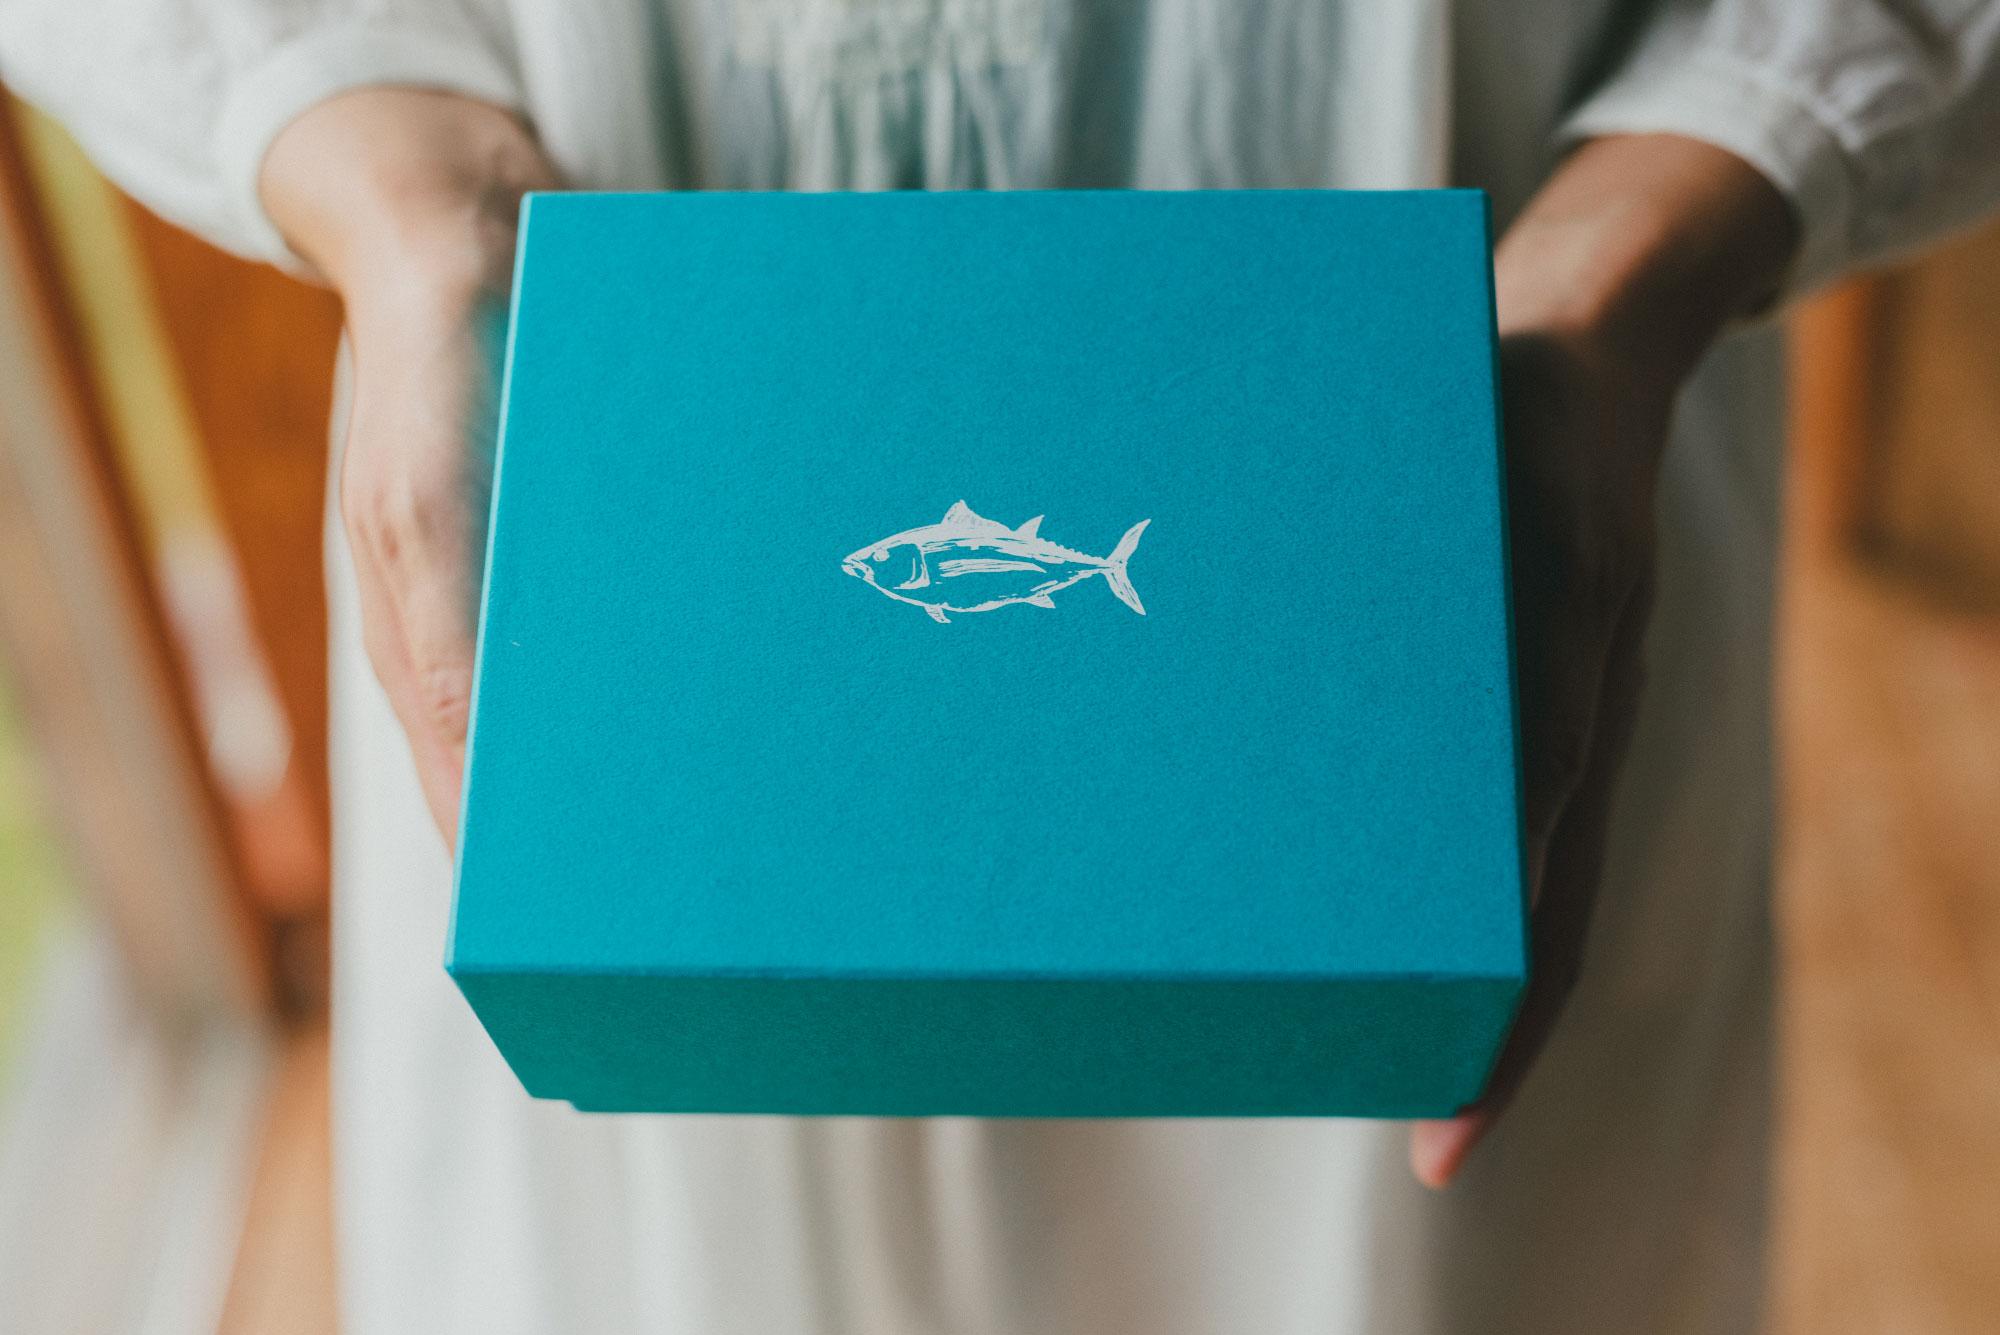 エメラルド色の化粧箱にまぐろロゴがシルバーで箔押しされた、FISHSTANDオリジナルのボックス